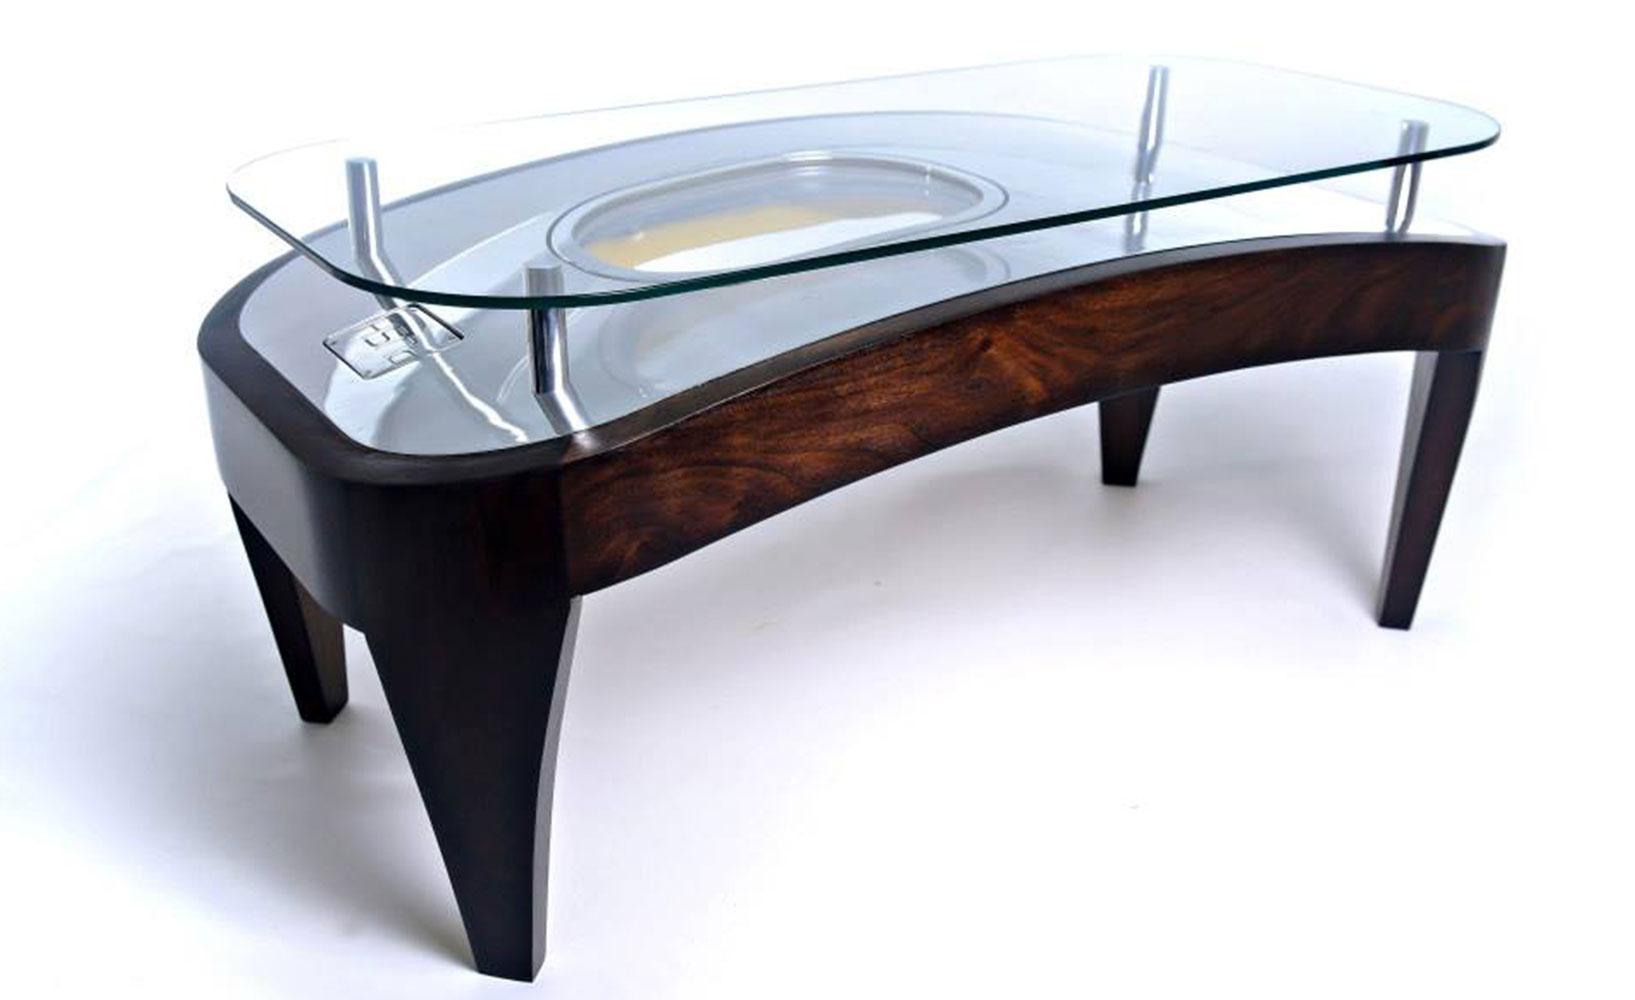 Upcycling Tisch ~ Upcycling  Möbel aus alten Flugzeugteilen